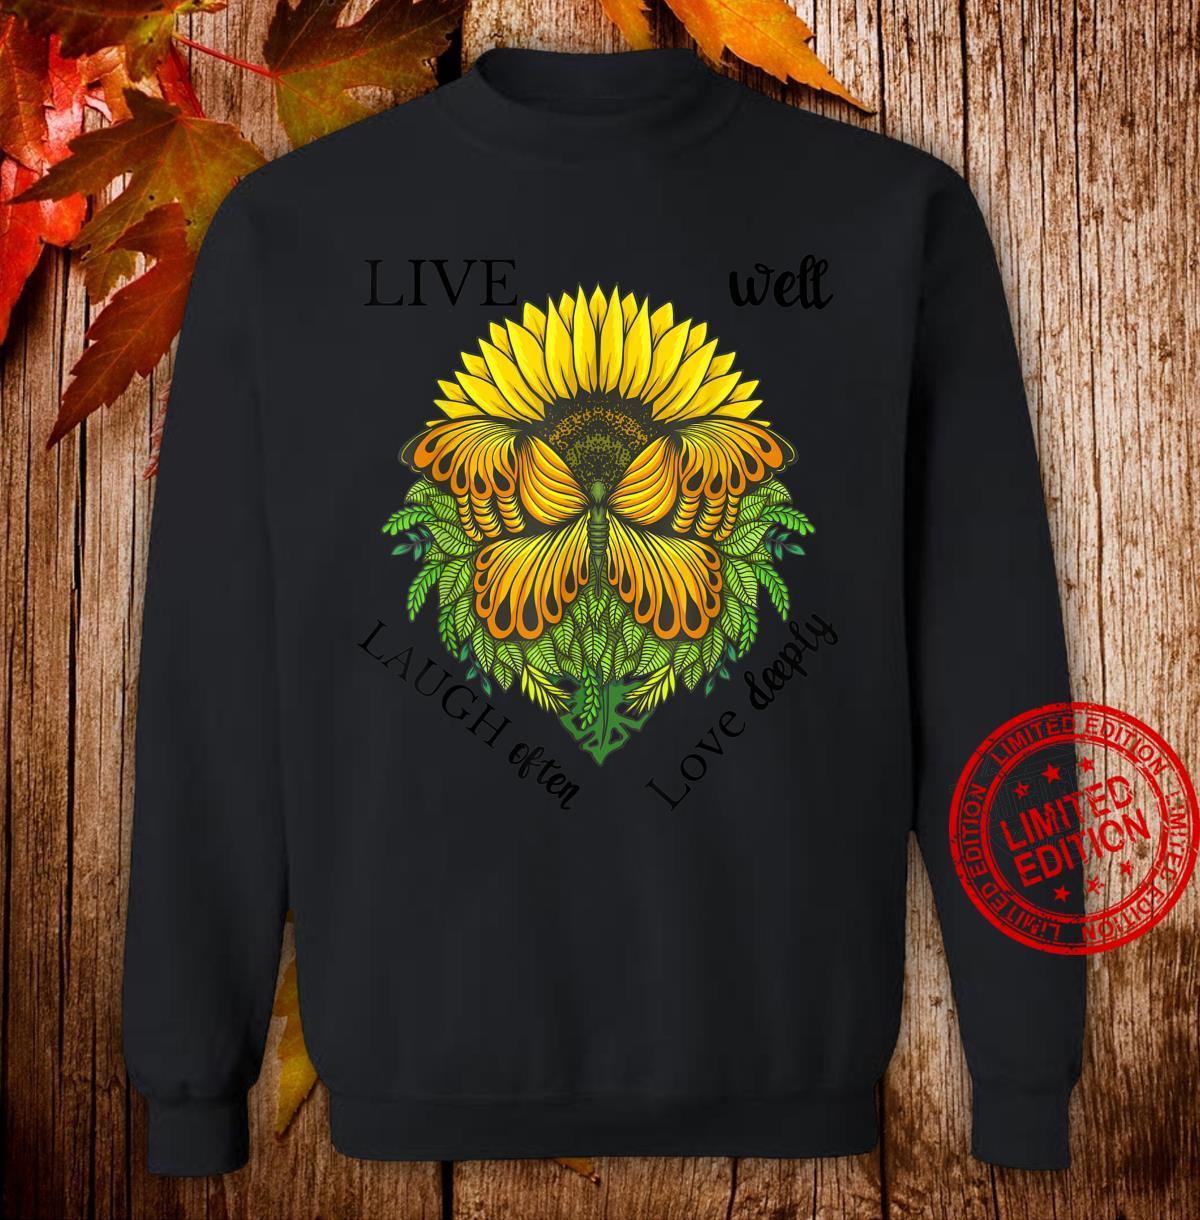 Sunflower Butterfly Shirt,Live Well Laugh Often Love Deeply Shirt sweater